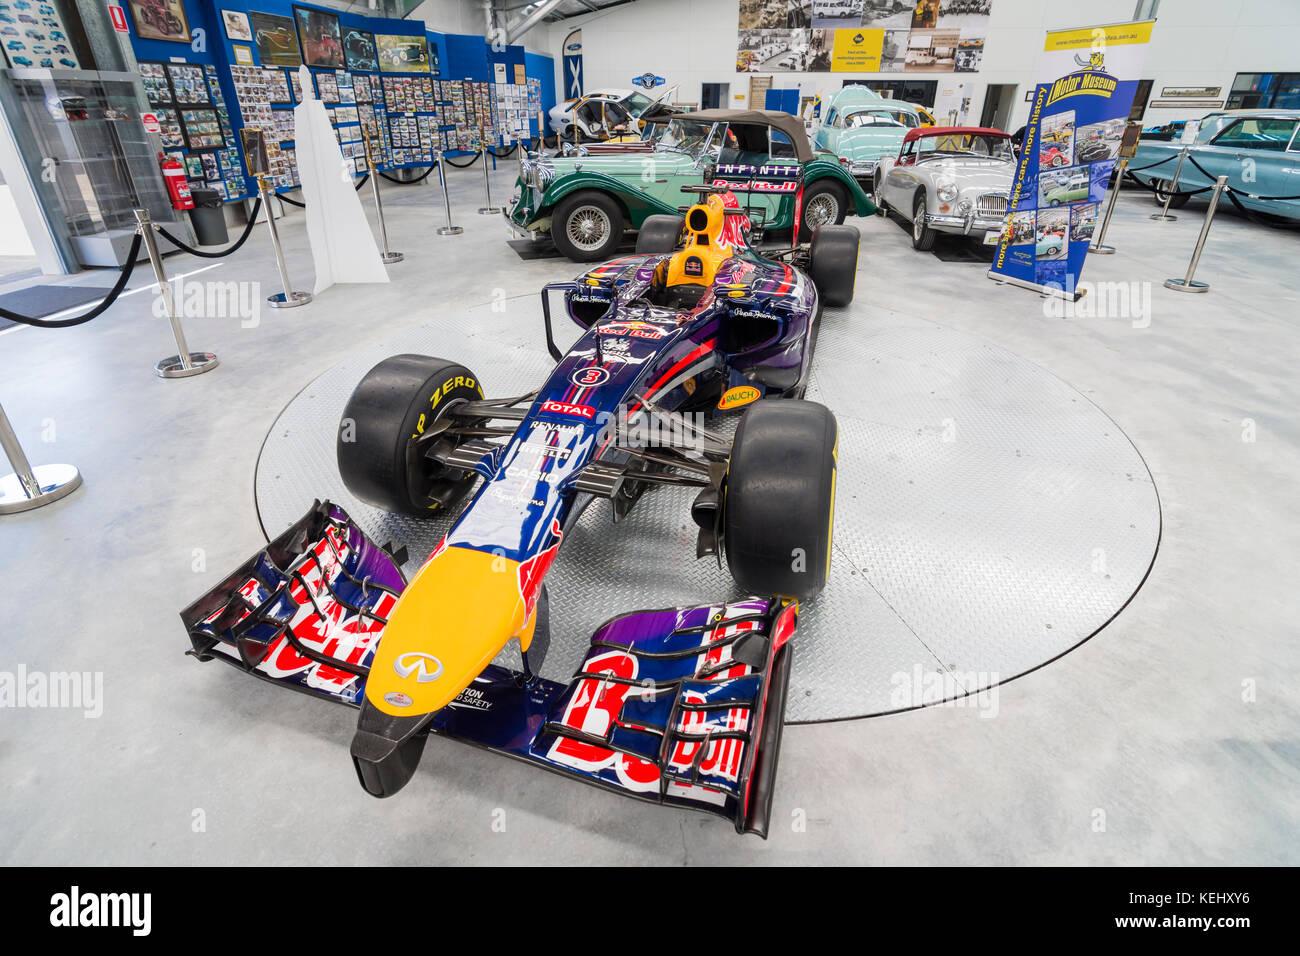 Daniel Ricciardo's Red Bull Formula 1 racing car on display at the Motor Museum of WA, Whiteman Park in the Swan - Stock Image